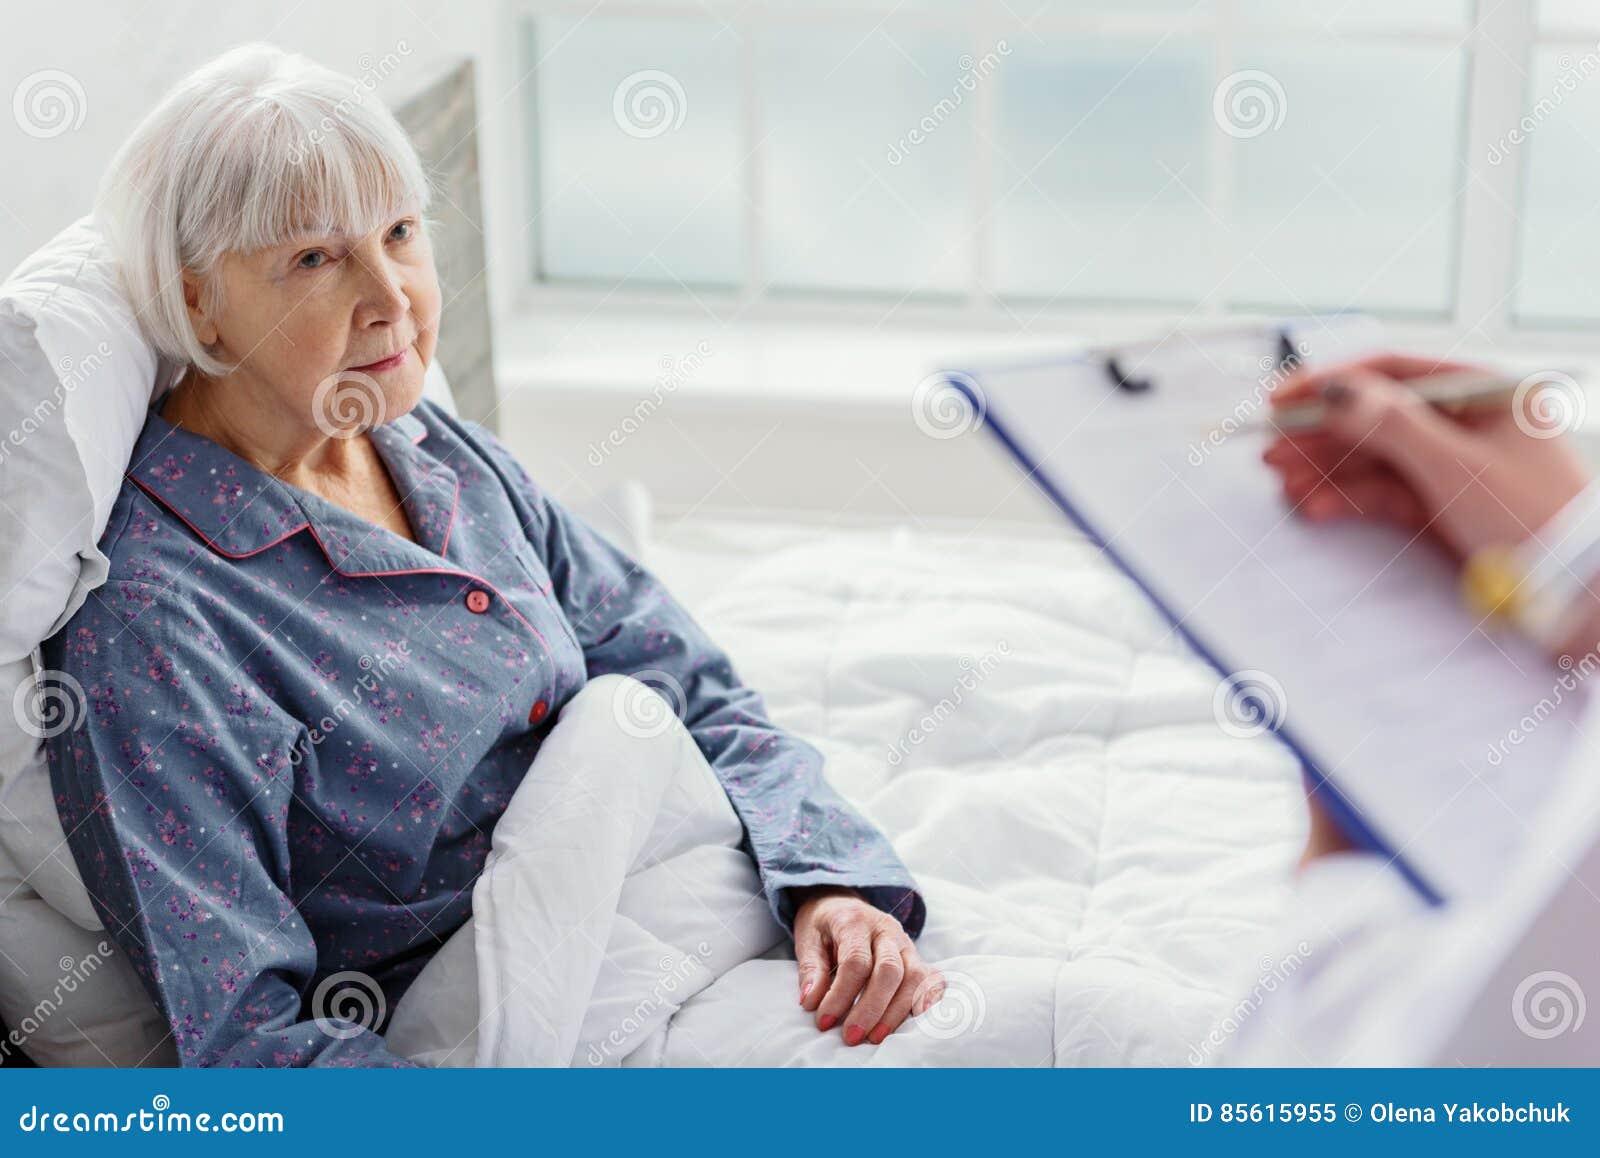 arzt der alte frau im krankenhaus fragt stockbild bild. Black Bedroom Furniture Sets. Home Design Ideas